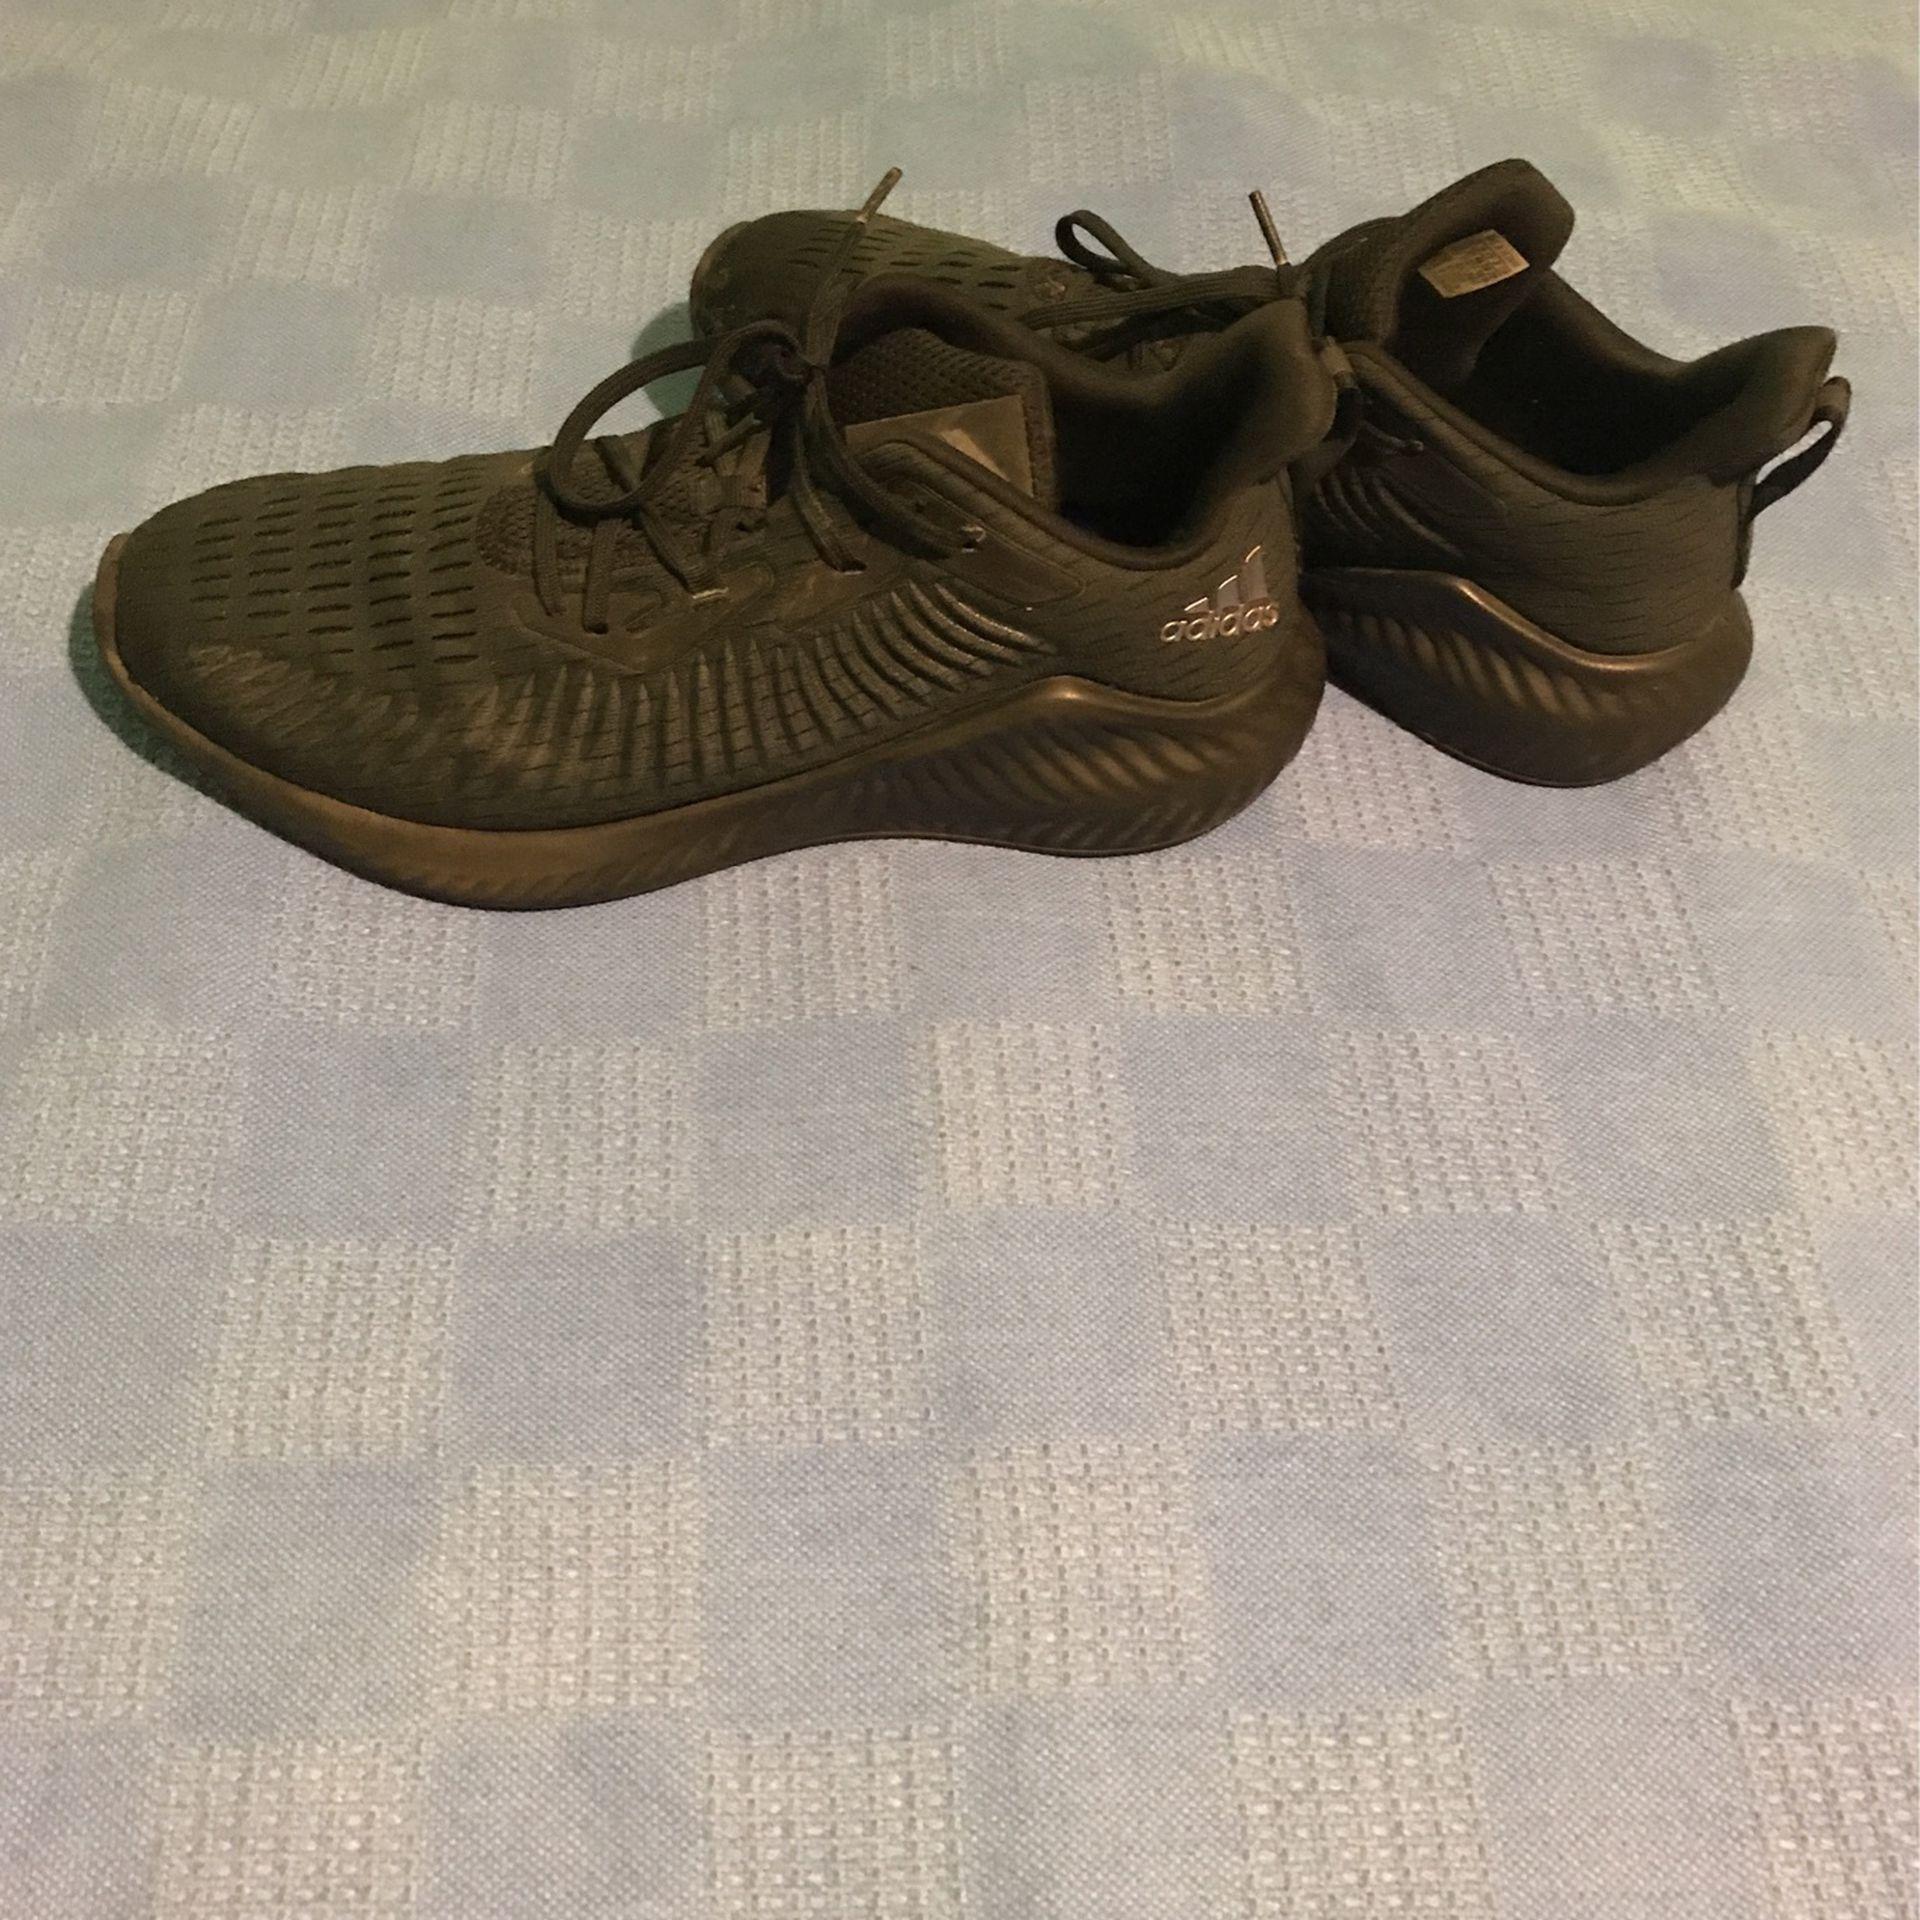 Adidas Alphabounce Size 13